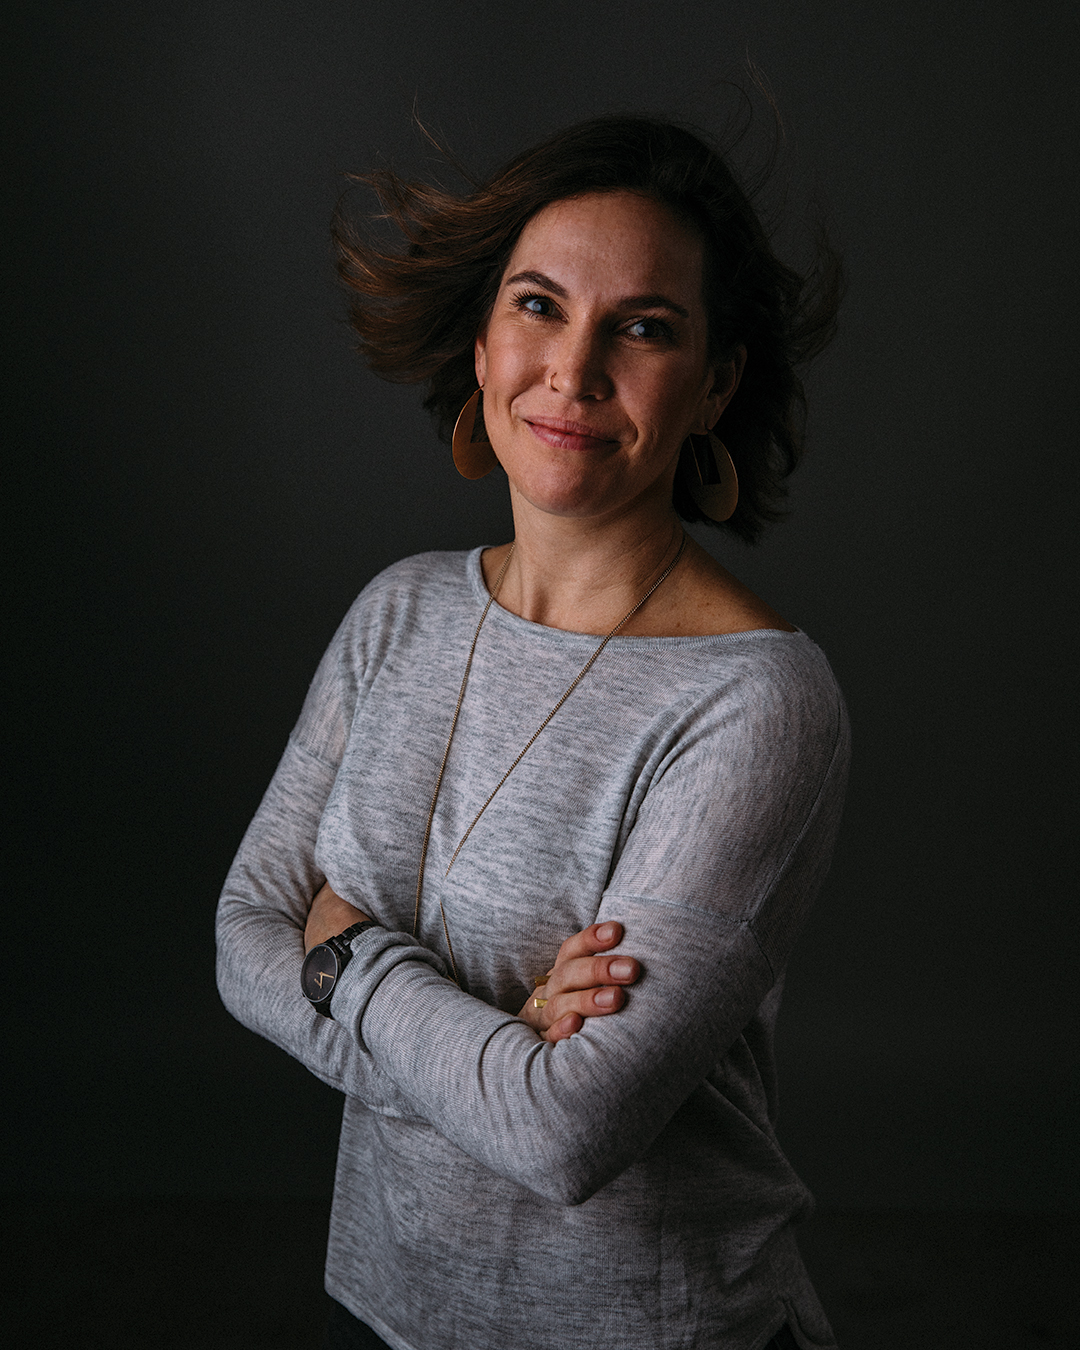 Leola Ristau